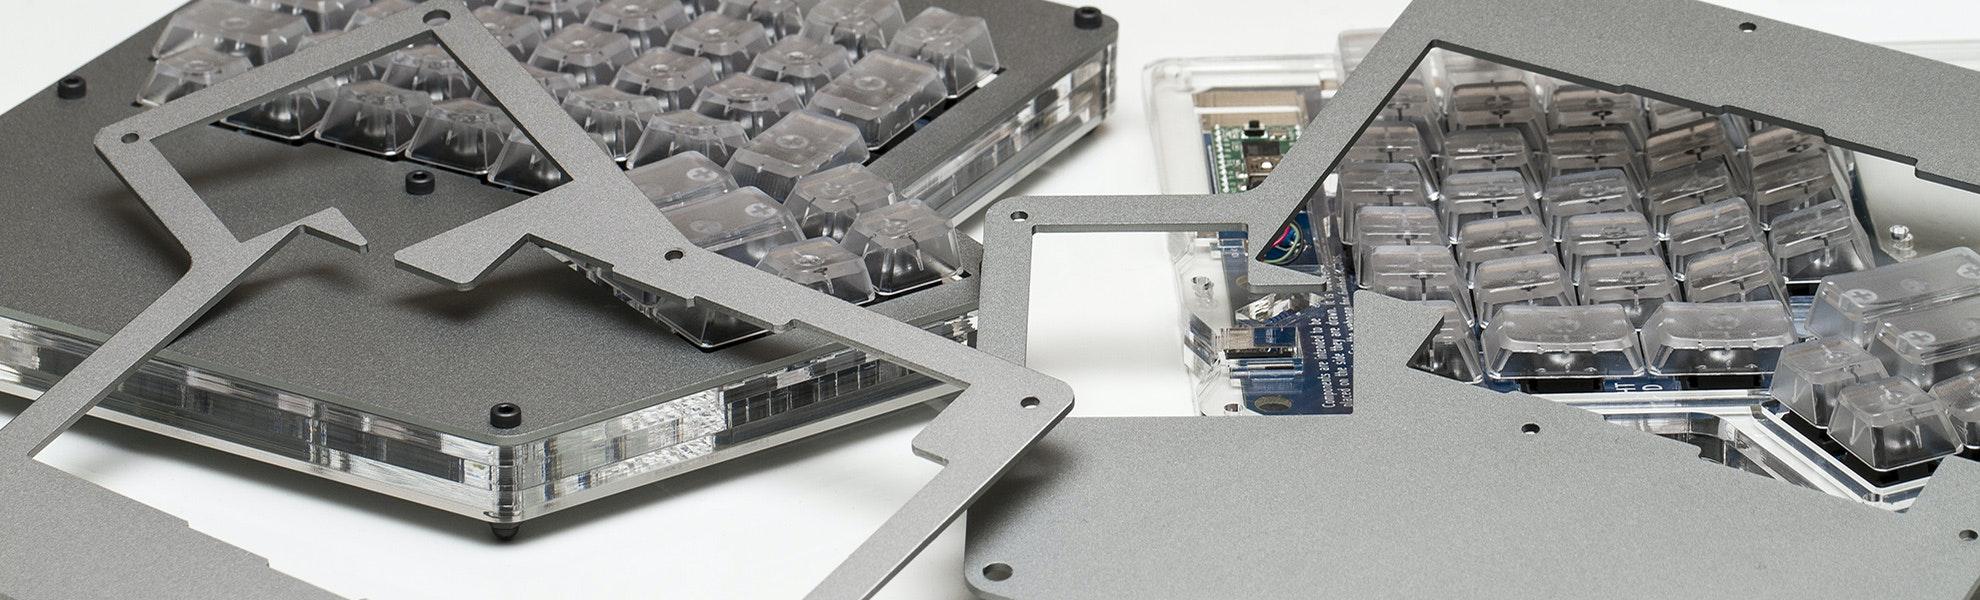 Aluminum ErgoDox Top Plates (Pair)